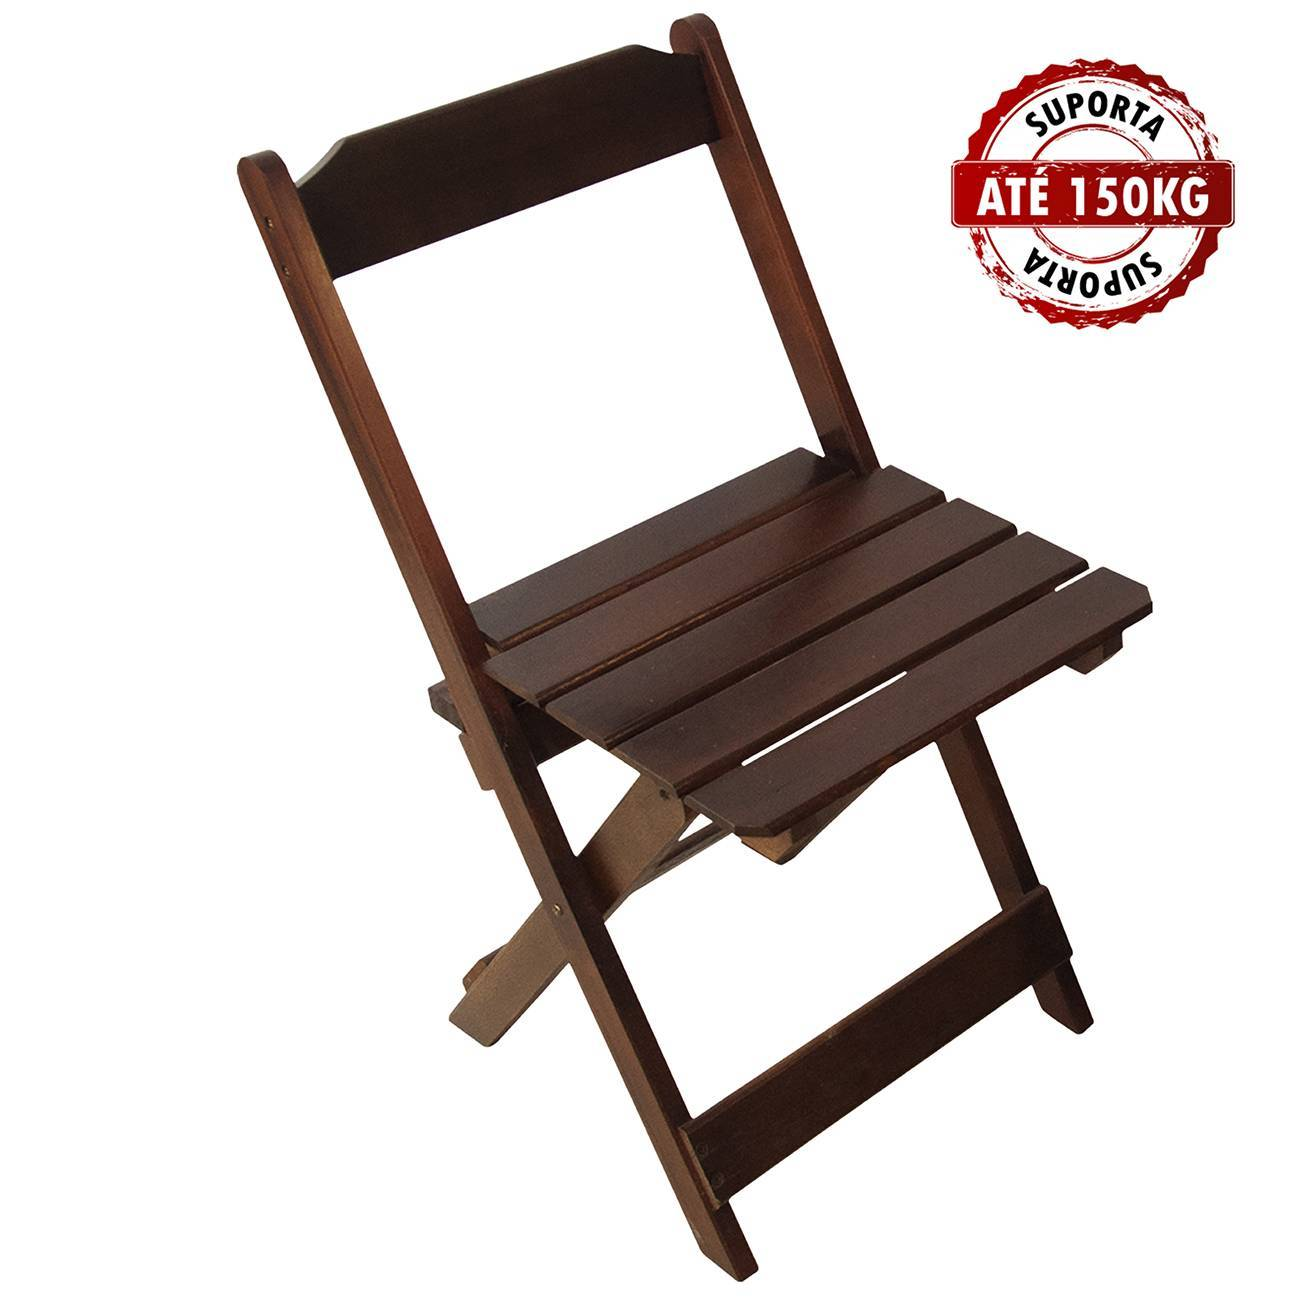 Kit 4 Cadeiras Madeira Maciça Dobrável Imbuia - LCGELETRO